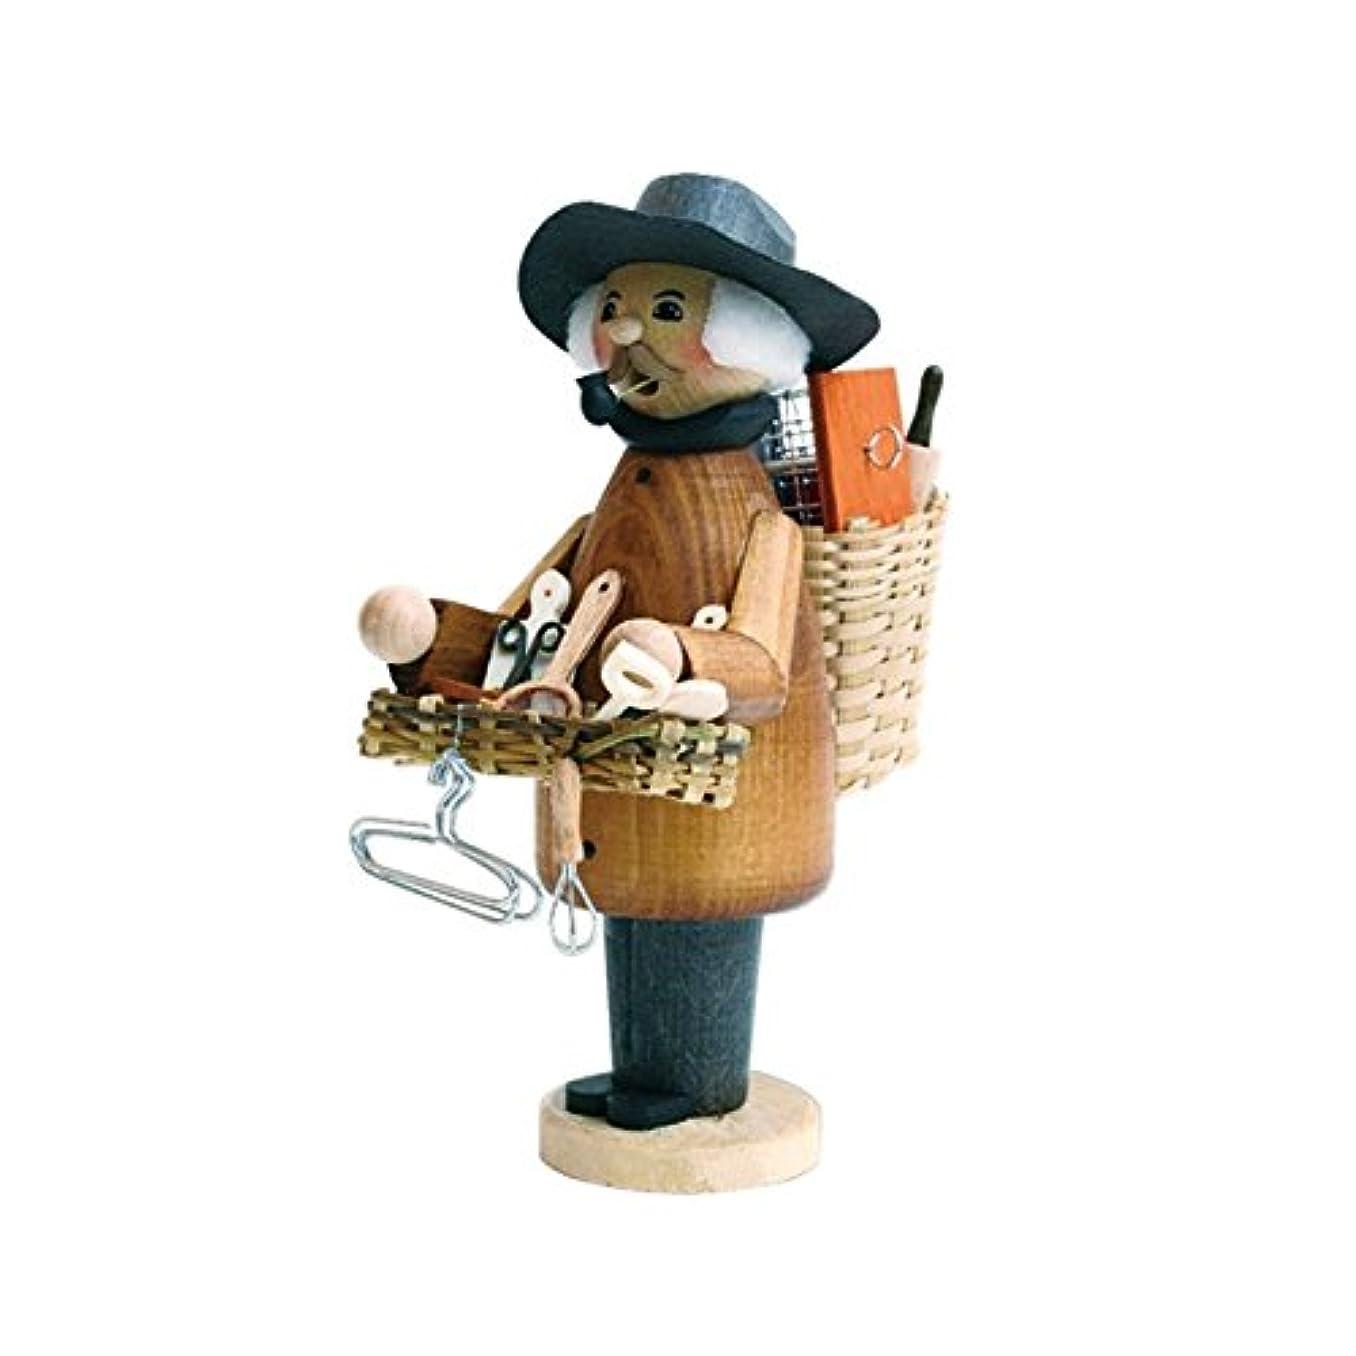 外科医一般的に巻き取りクーネルト ミニパイプ人形香炉 道具売り